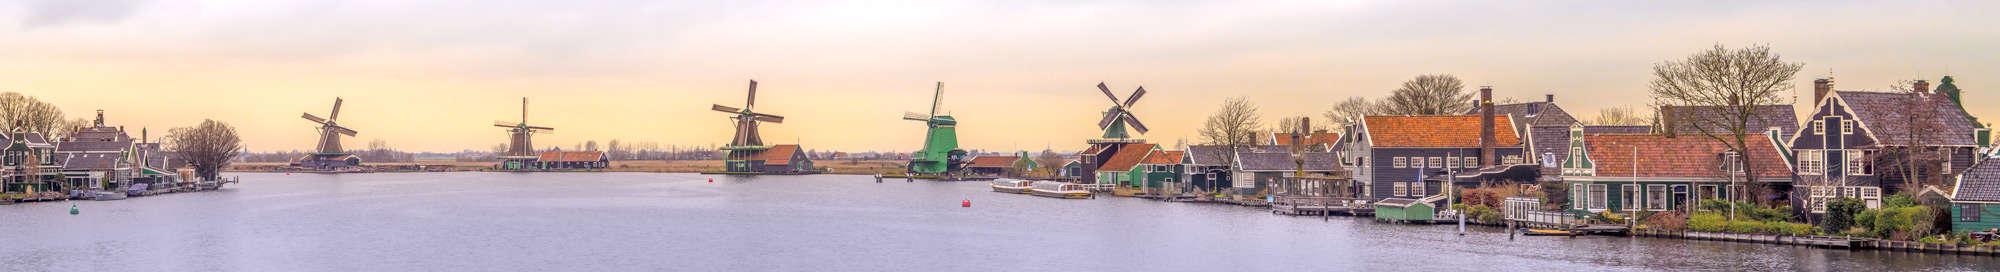 Escapadas fin de semana en Holanda Septentrional